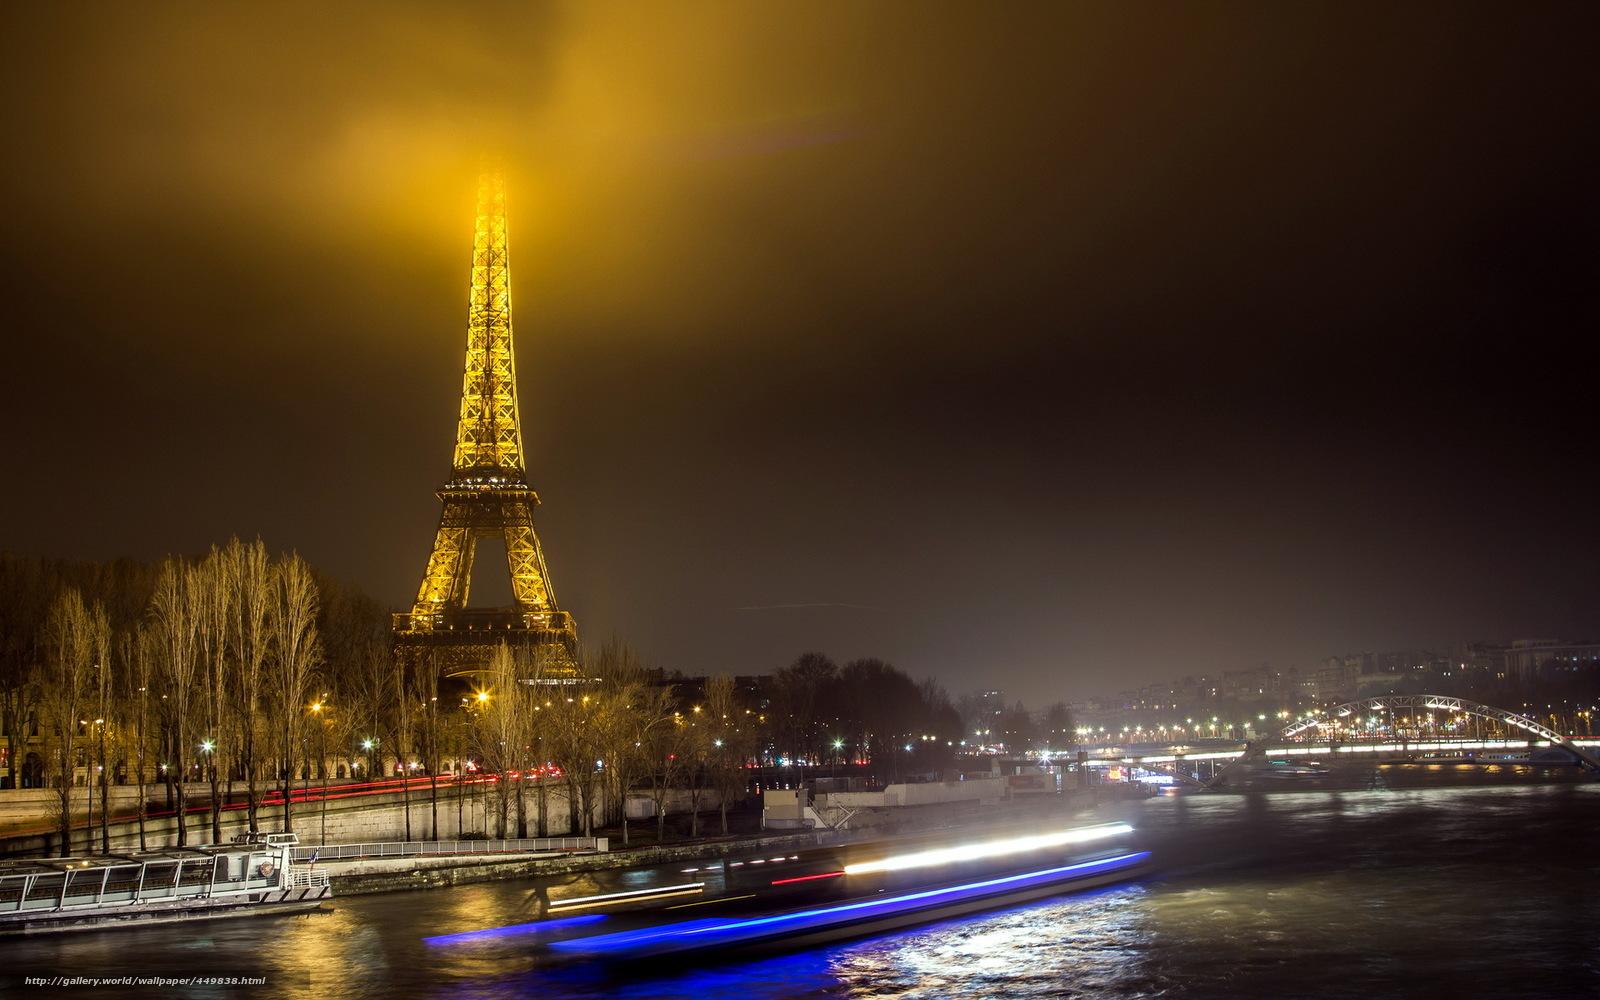 Tlcharger fond d 39 ecran paris ville nuit fonds d 39 ecran for Fond ecran paris